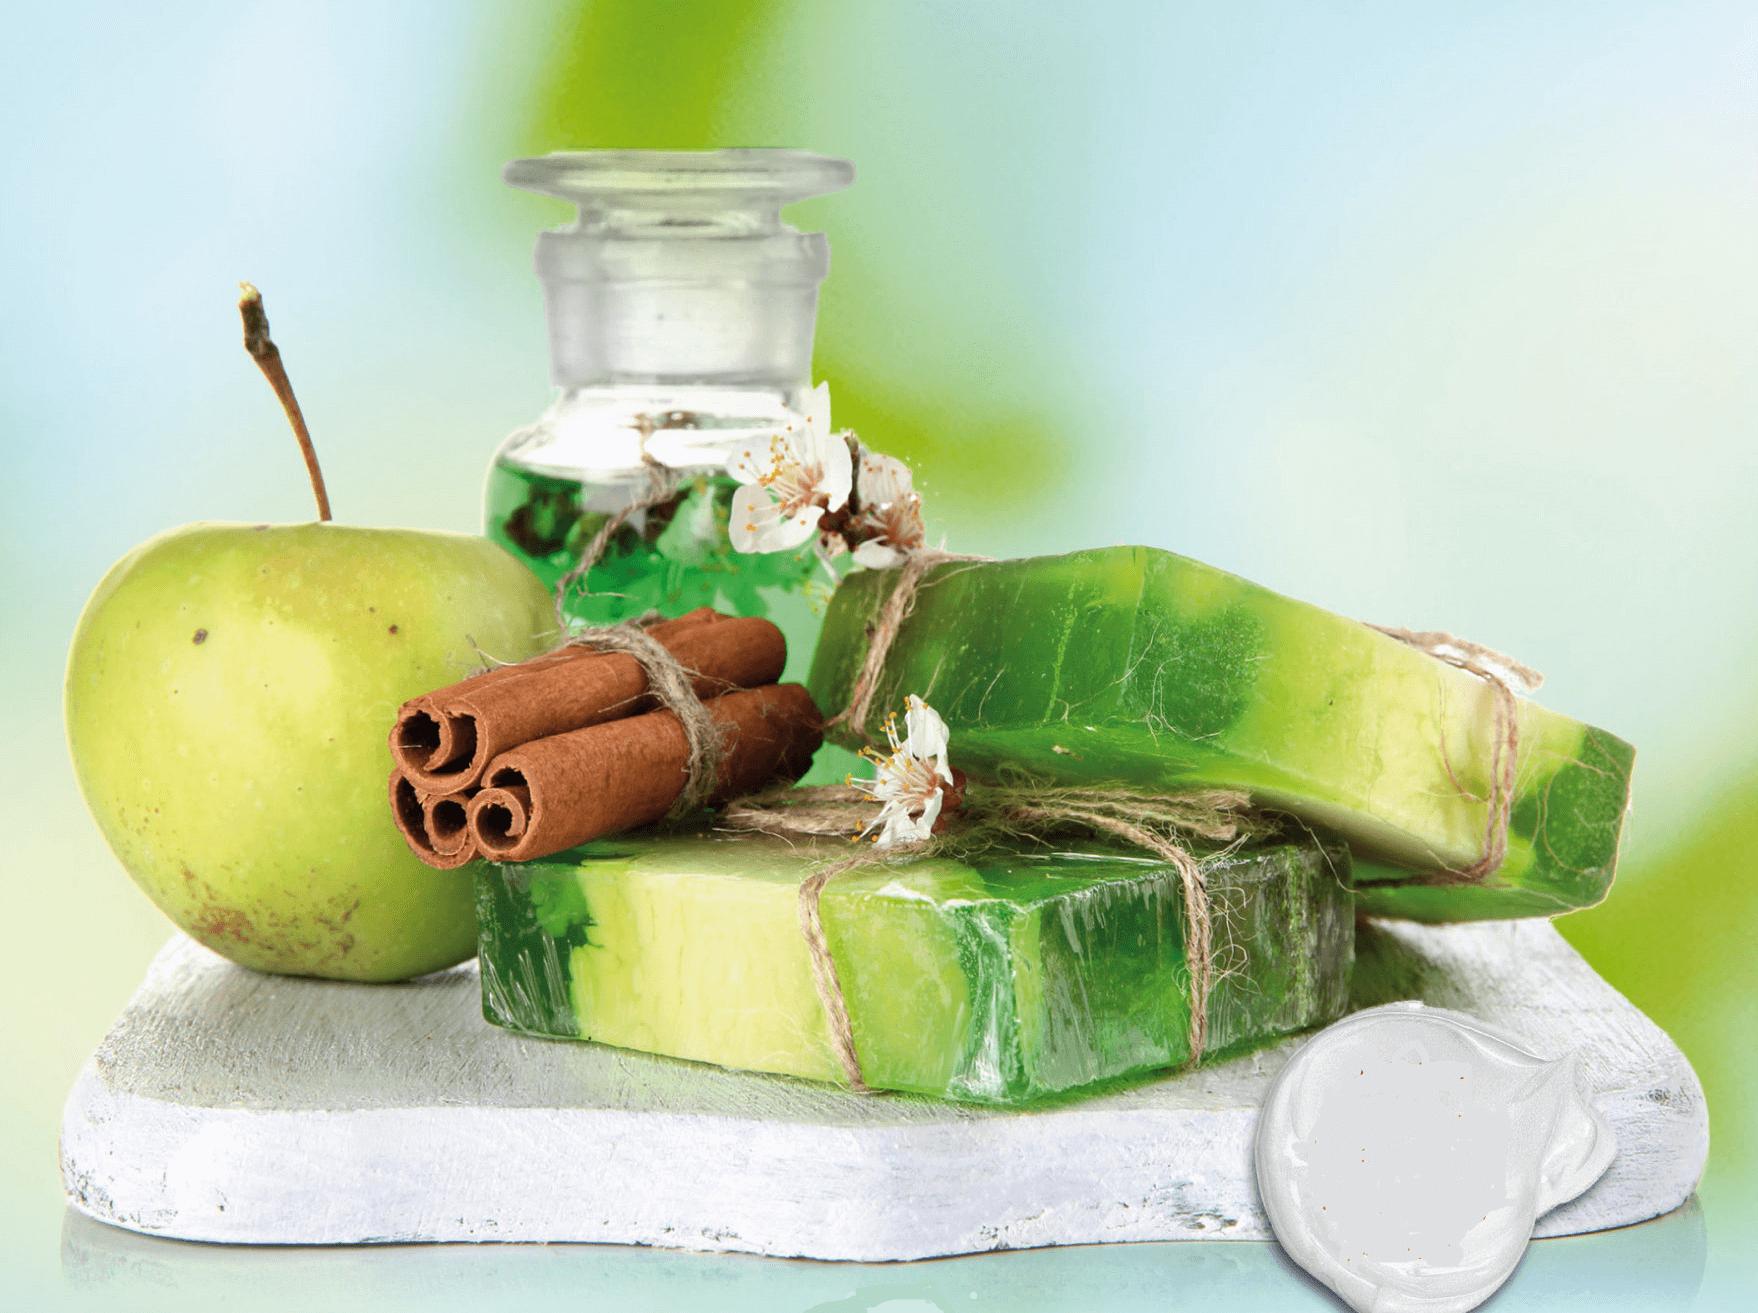 Cosmetica Natural recetas para tu salud Colombia